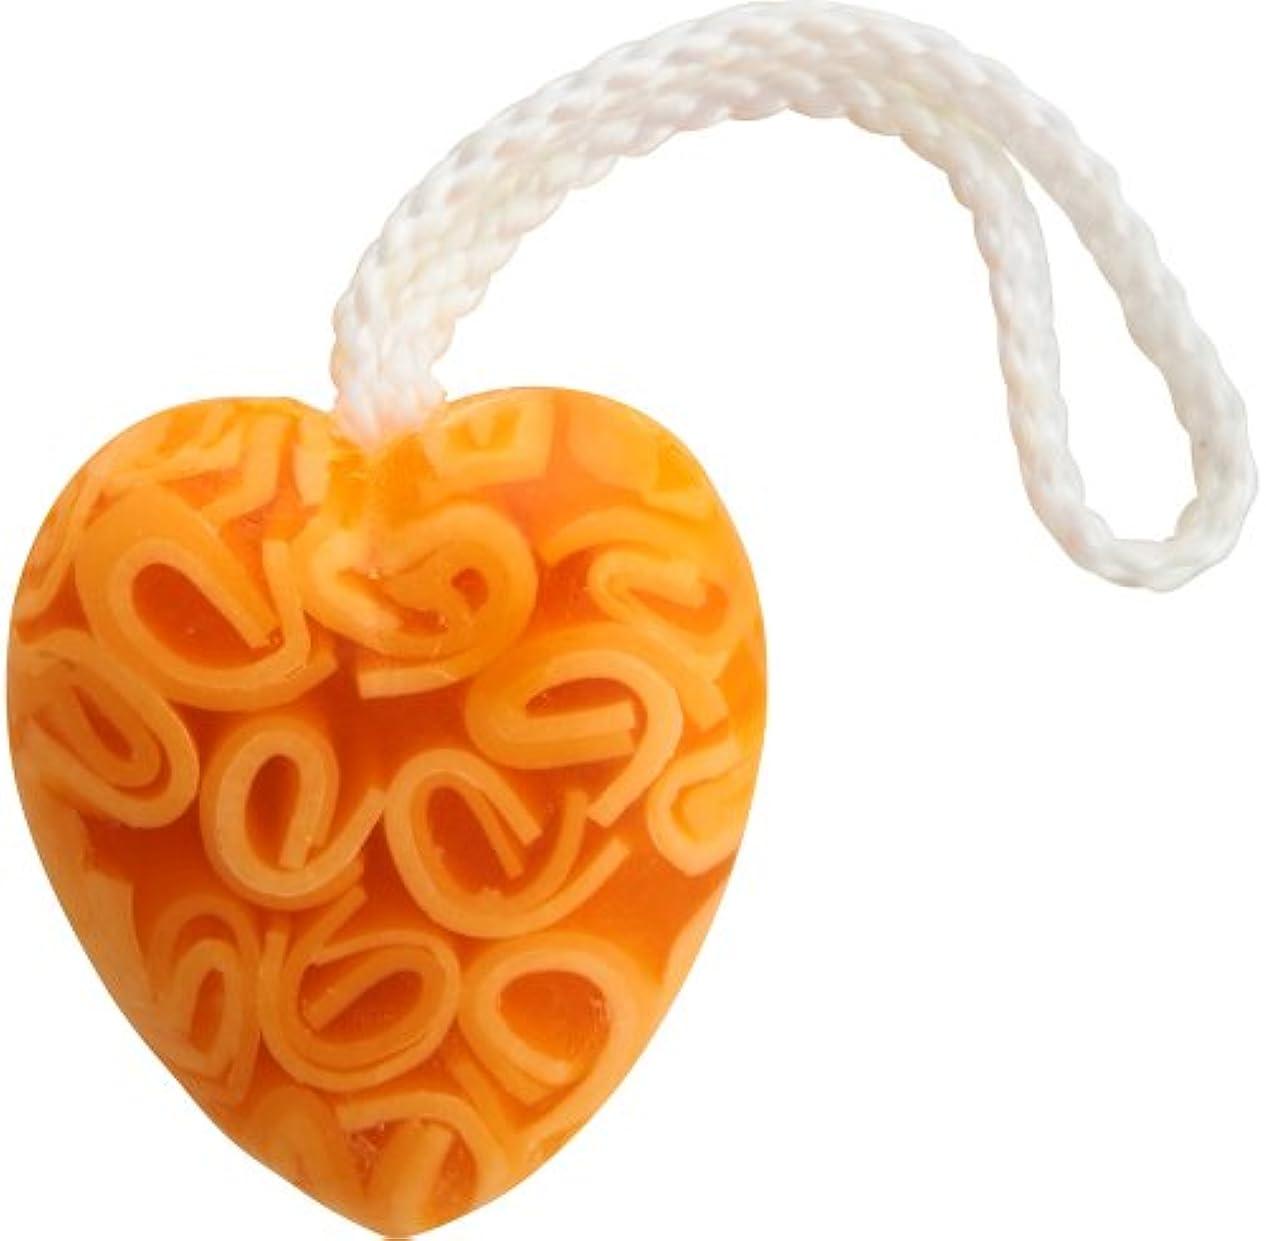 敬意を表して熟練したクライマックスIWISH ソープ ハート オレンジ